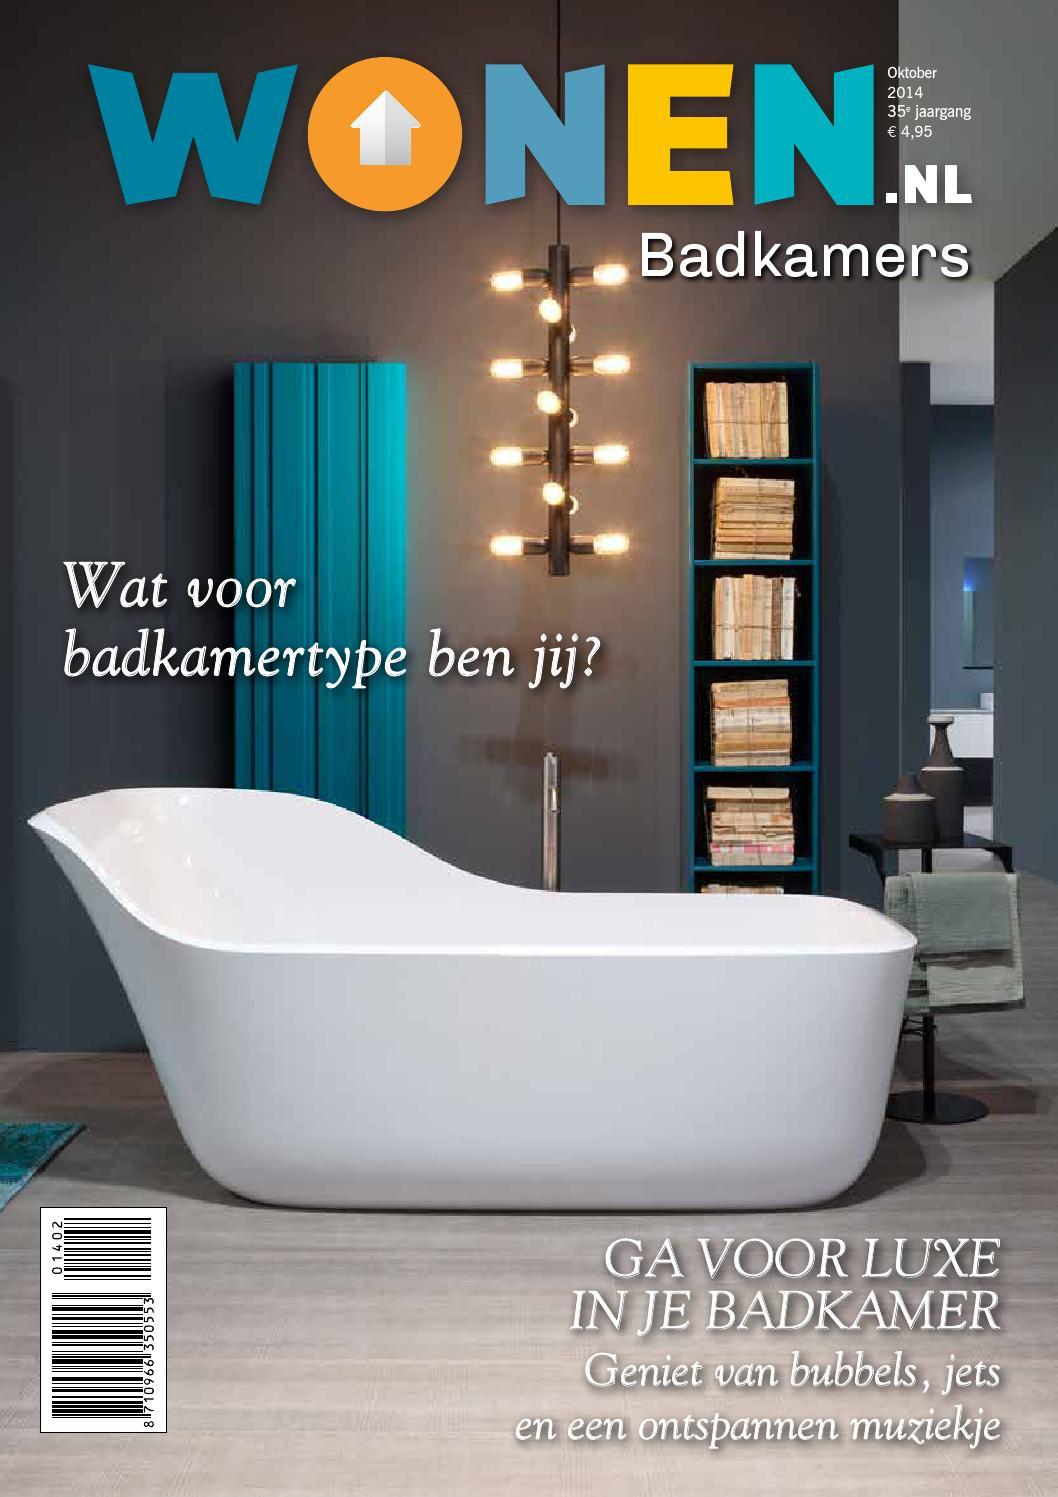 Wonen.nl Badkamers II by Wonen Media - issuu